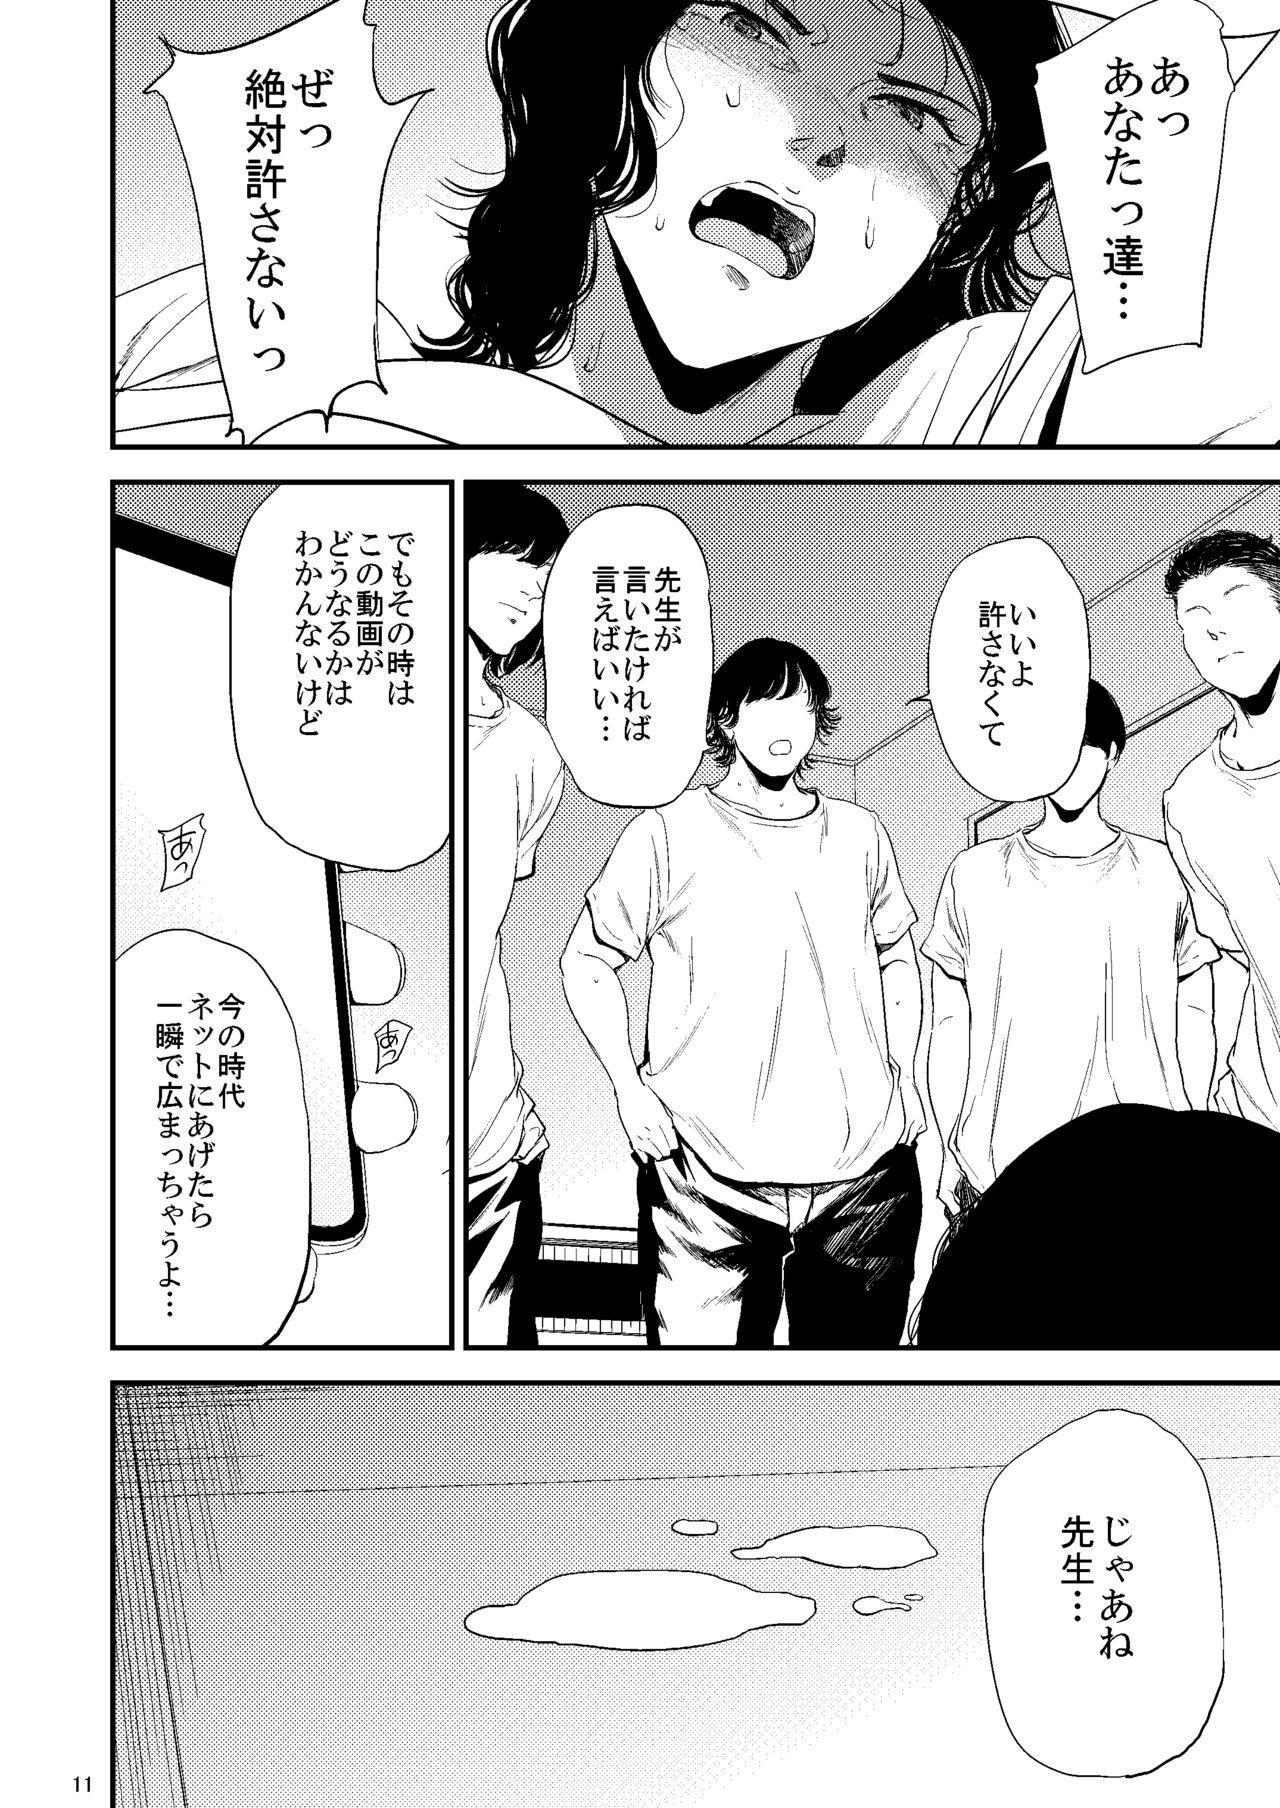 Sukoshi Ki no Tsuyoi Rika no Sensei ga Seito ni Moteasobareru H Na Hon 10